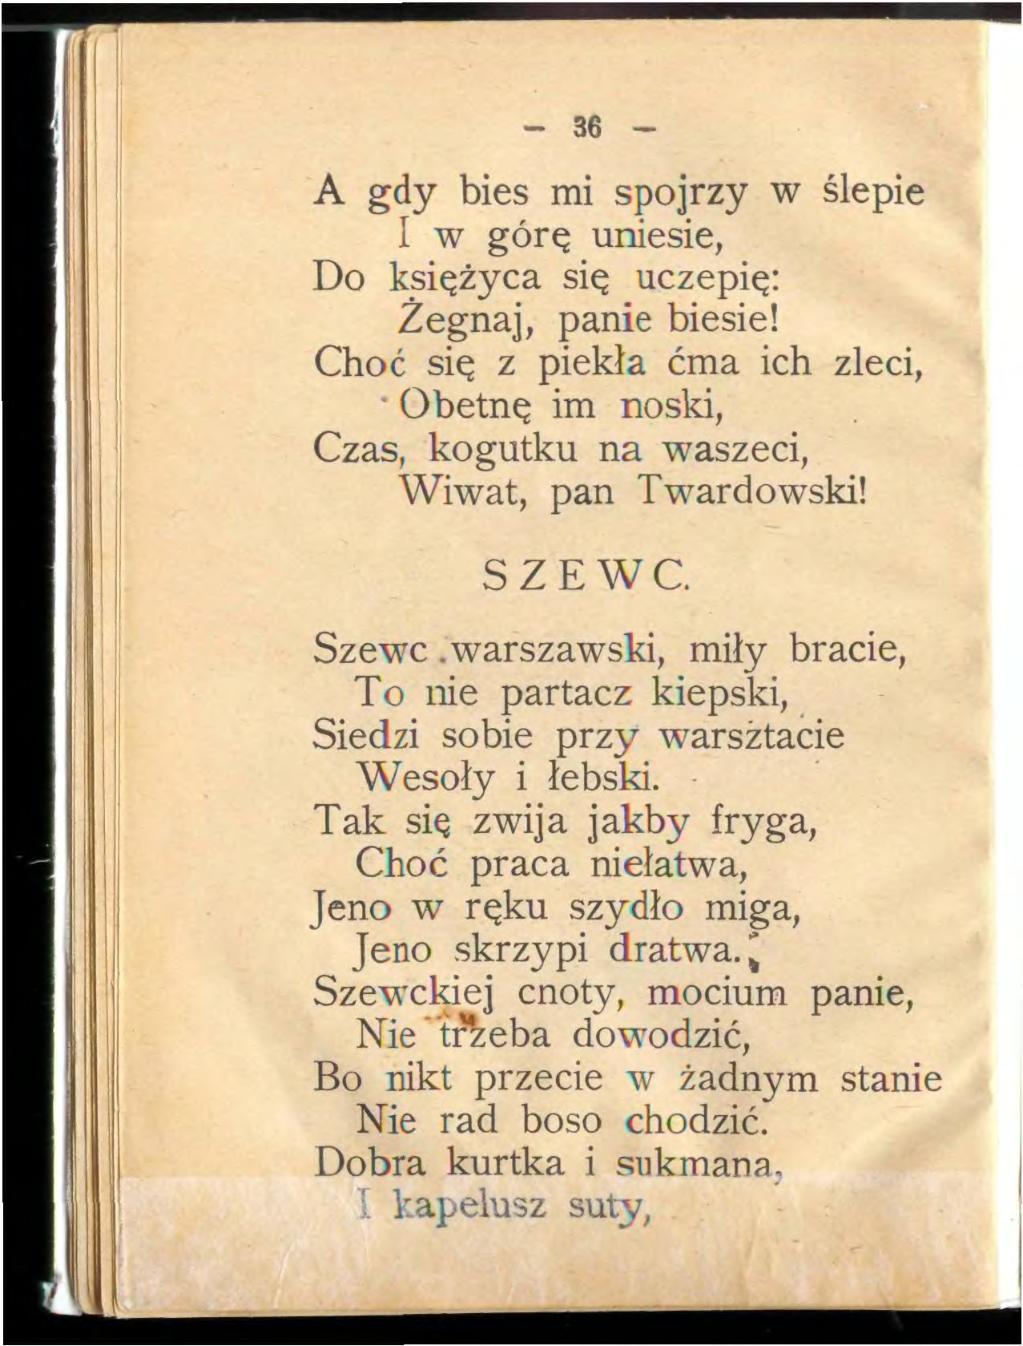 Stronapl Szopka Wiersz Or Otadjvu42 Wikiźródła Wolna